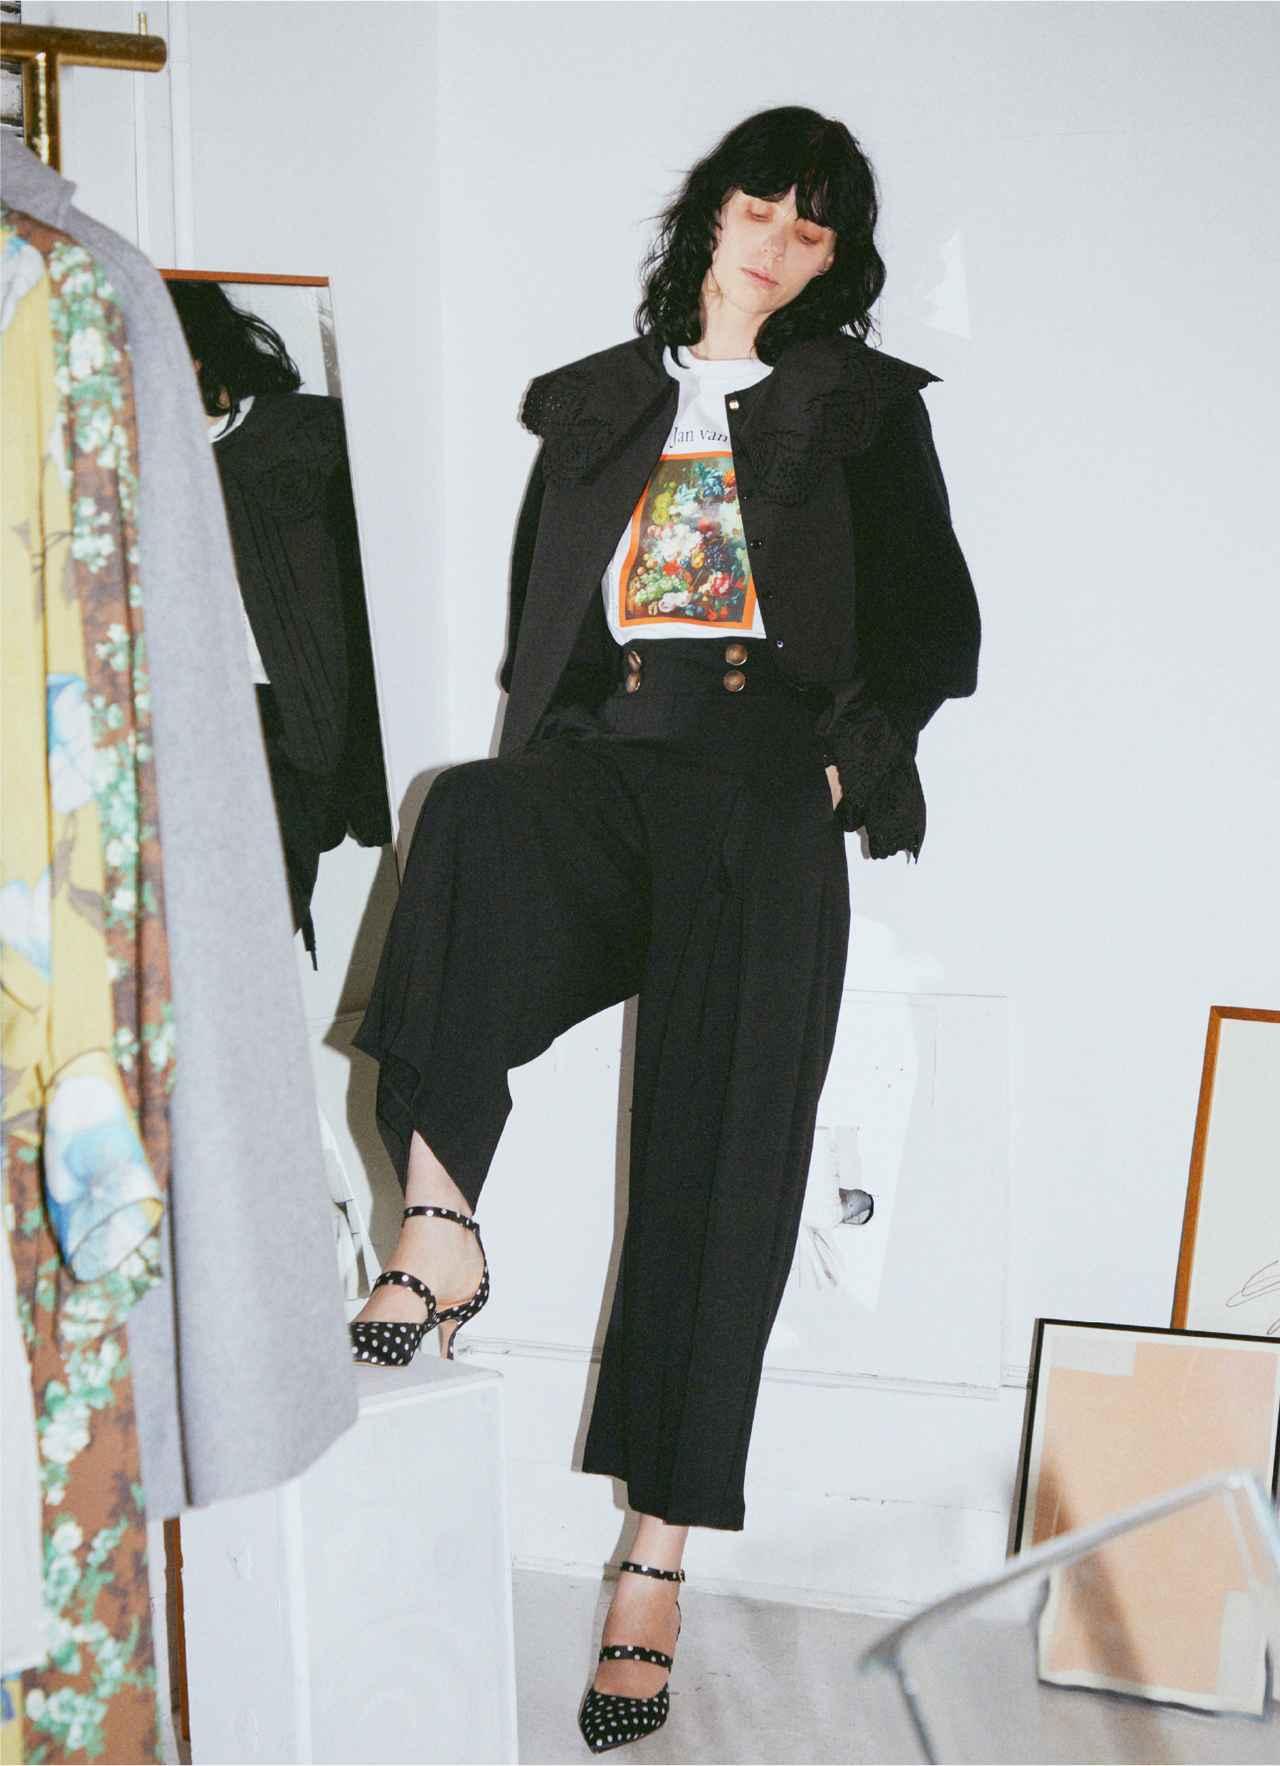 画像: 「ビッグカラー刺繍ブラウス」¥12,320、「ウールアームウォーマー」¥8,580、「アートTシャツ」¥6,930、「フロントボタンワイドパンツ」¥10,780 出典:fashion trend news